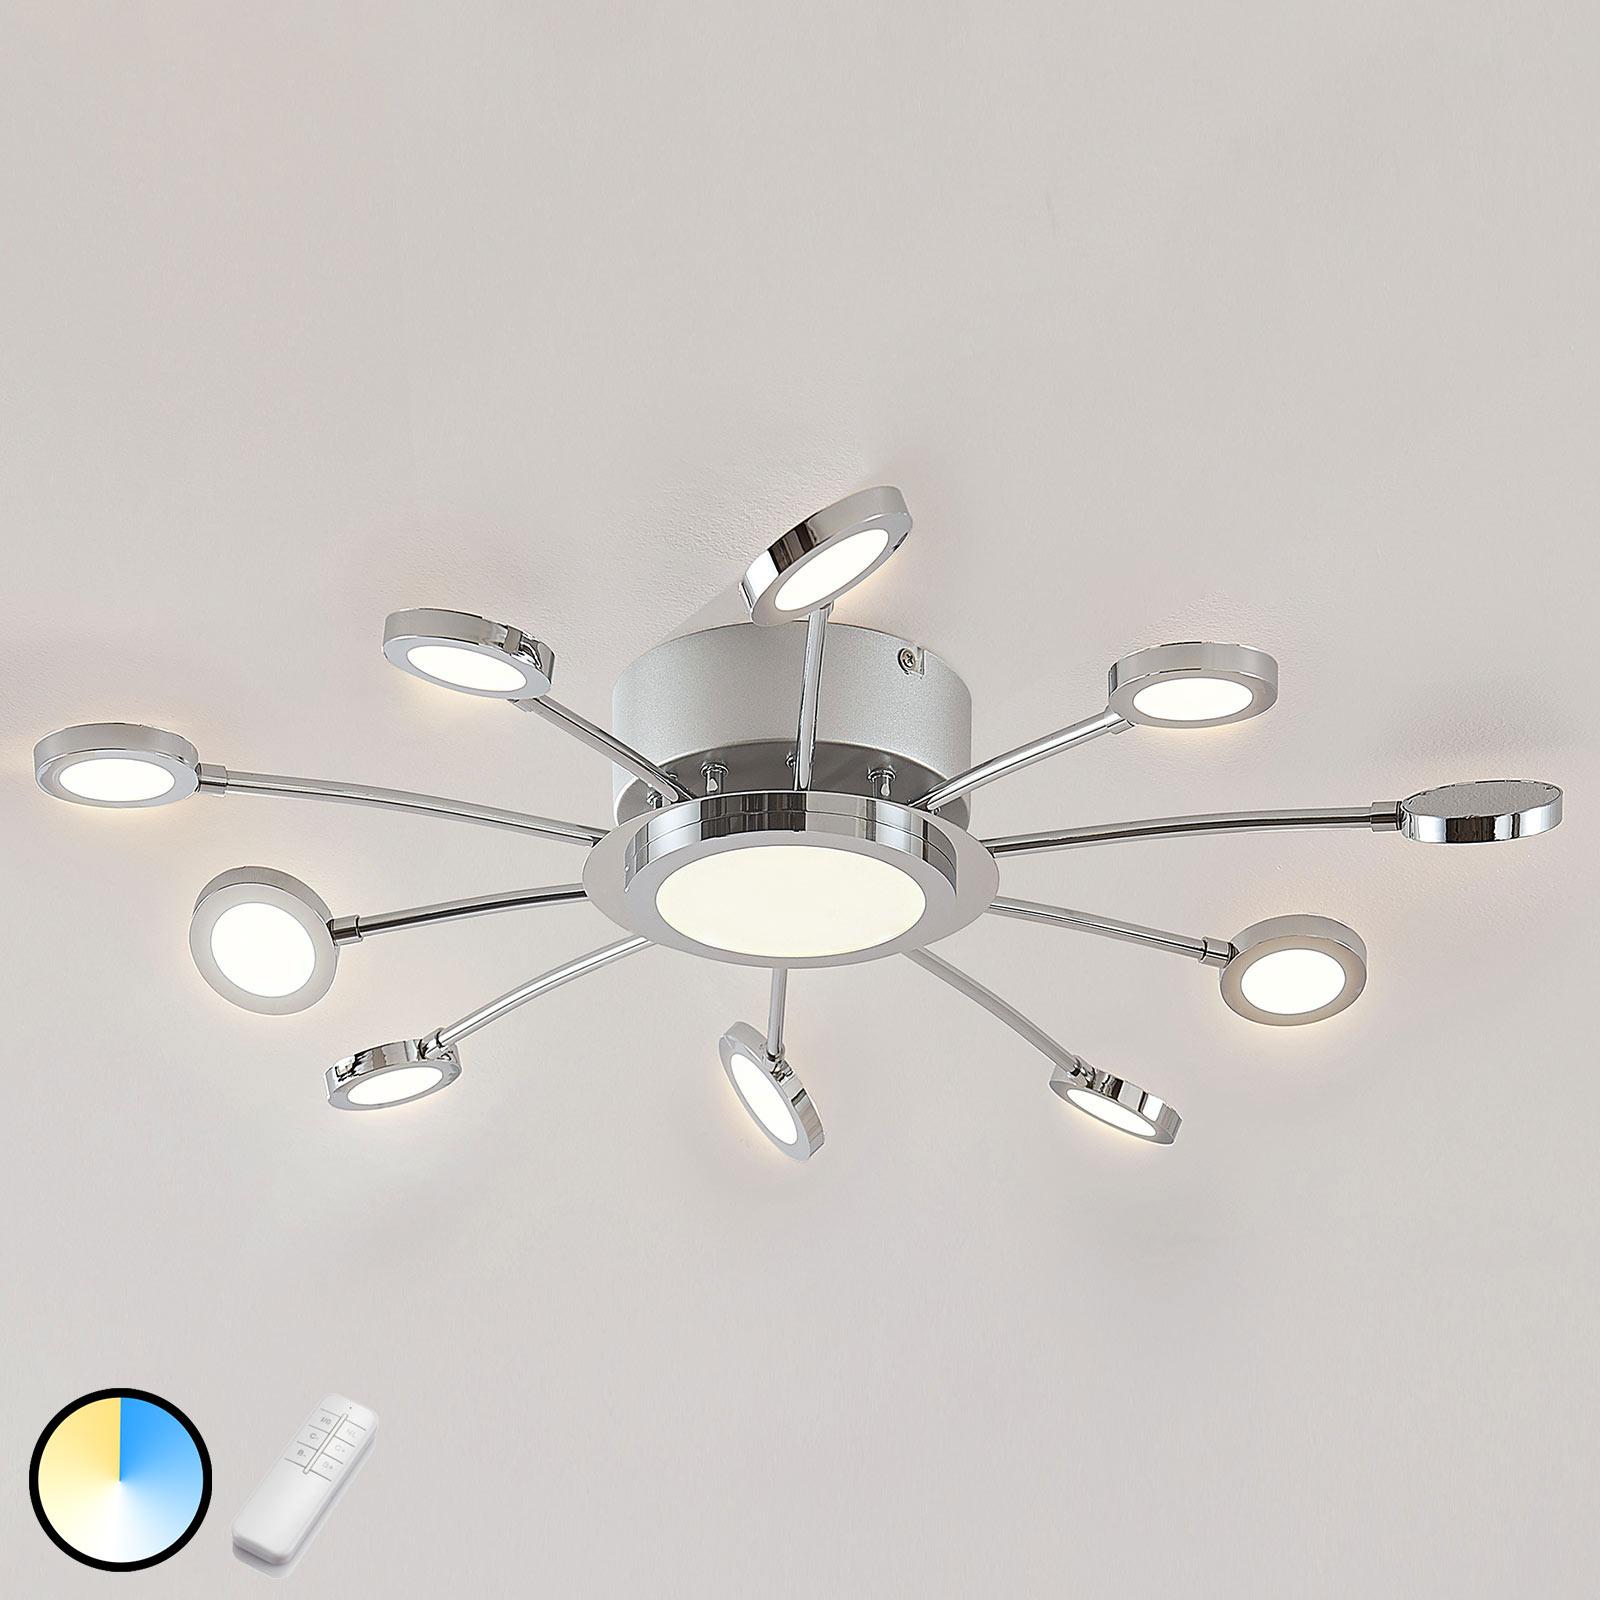 Plafonnier LED chromé Meru, lumière variable